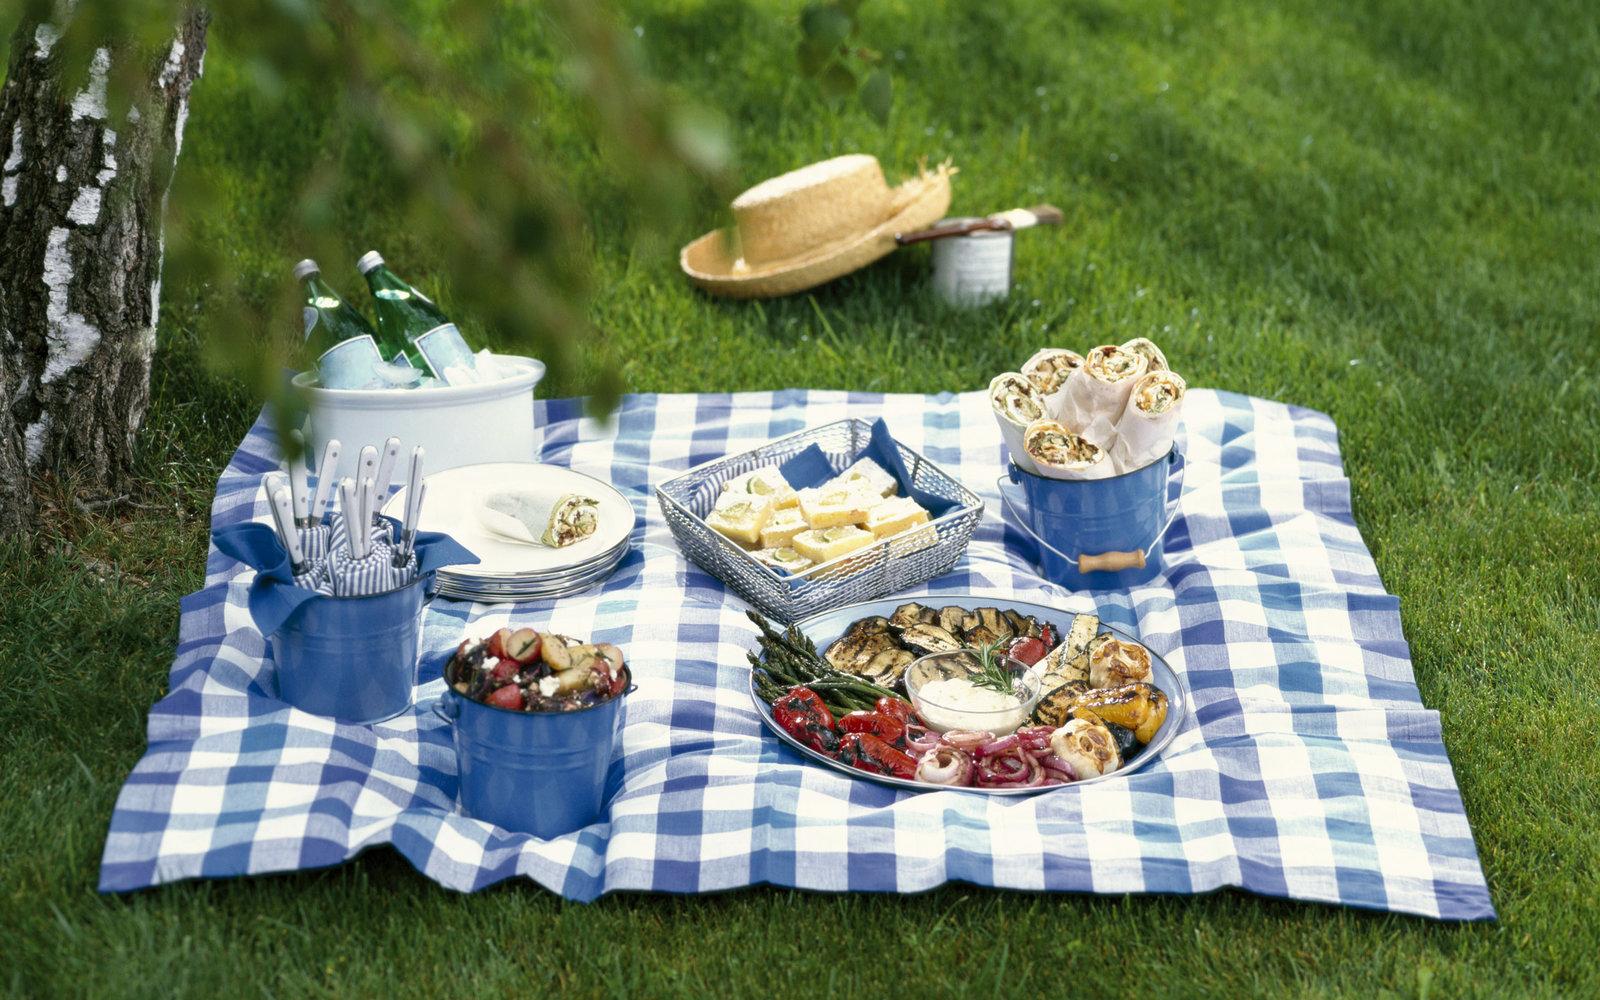 случившемся пионерлагеря еда для пикника на природе фото тобет редкая